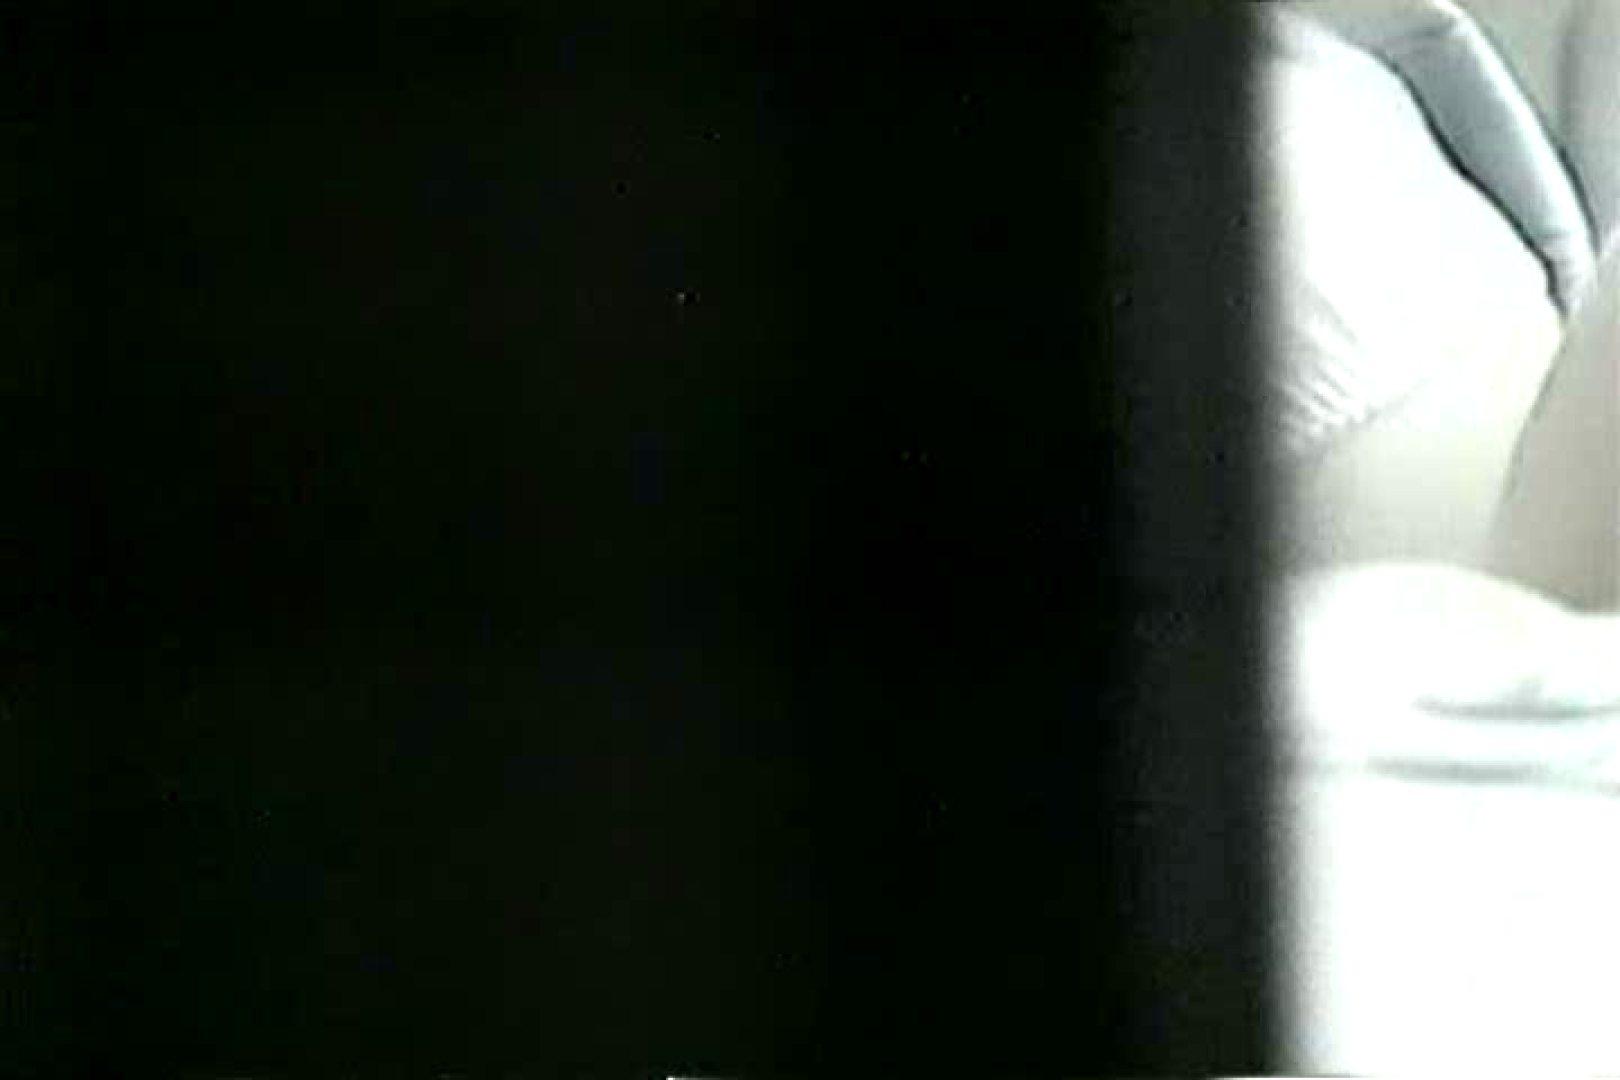 深夜の撮影会Vol.6 オナニーDEエッチ セックス画像 109PIX 23